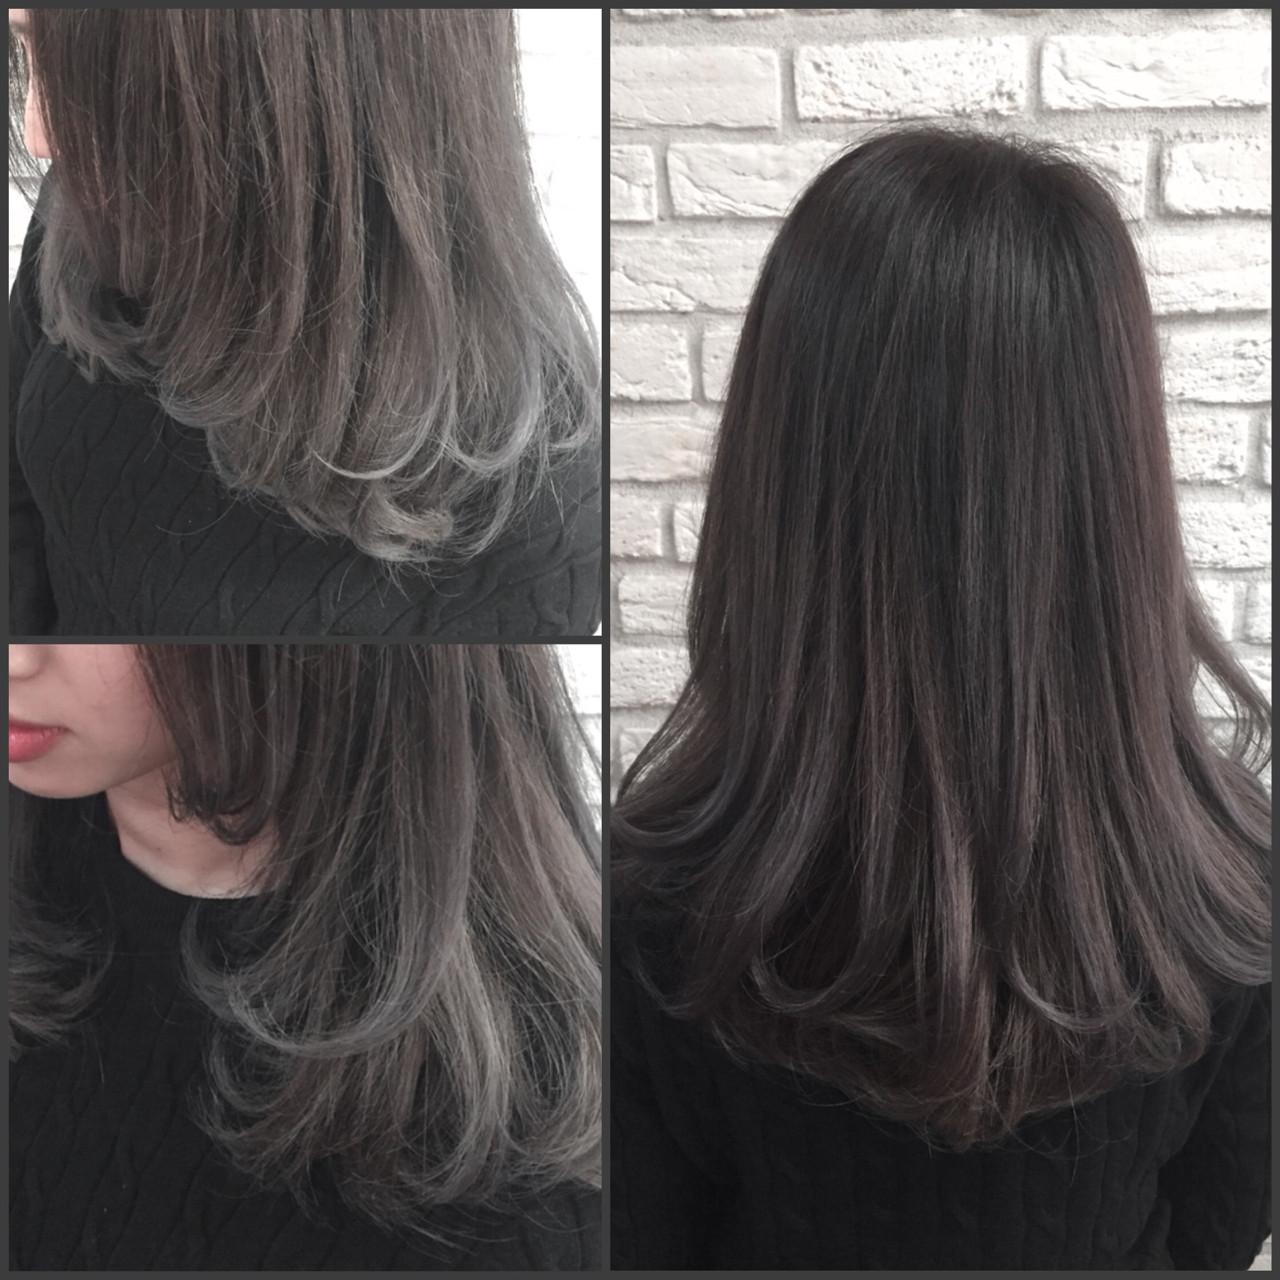 ストリート イルミナカラー グラデーションカラー アッシュヘアスタイルや髪型の写真・画像